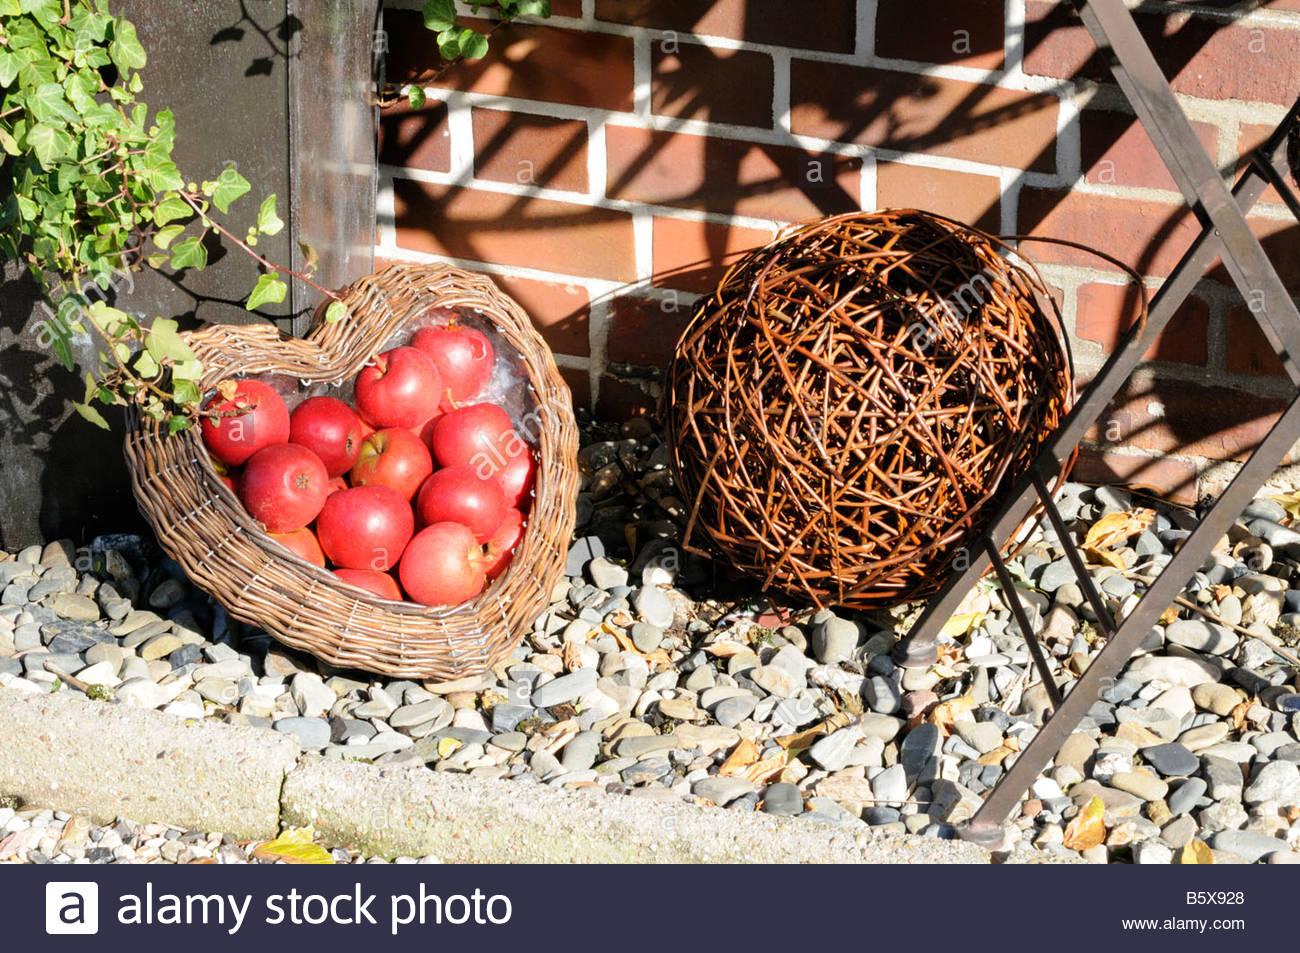 gartendekoration mit pfeln und korbwaren garden decoration with apples B5X928